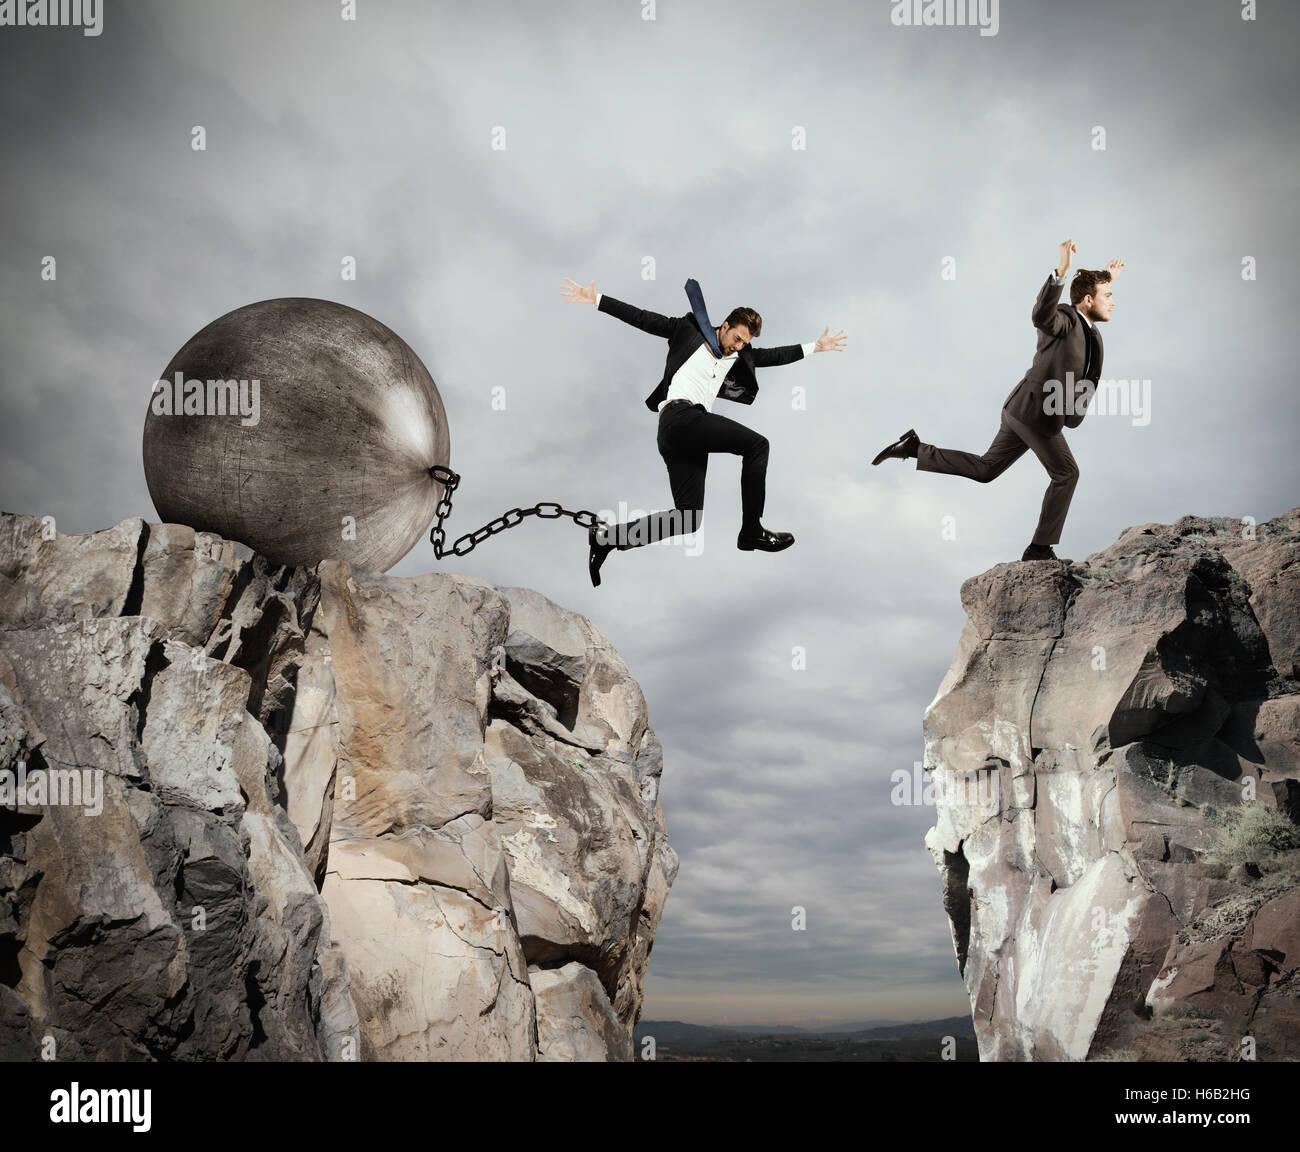 Ungerechtigkeit in Business-Wettbewerb Stockbild